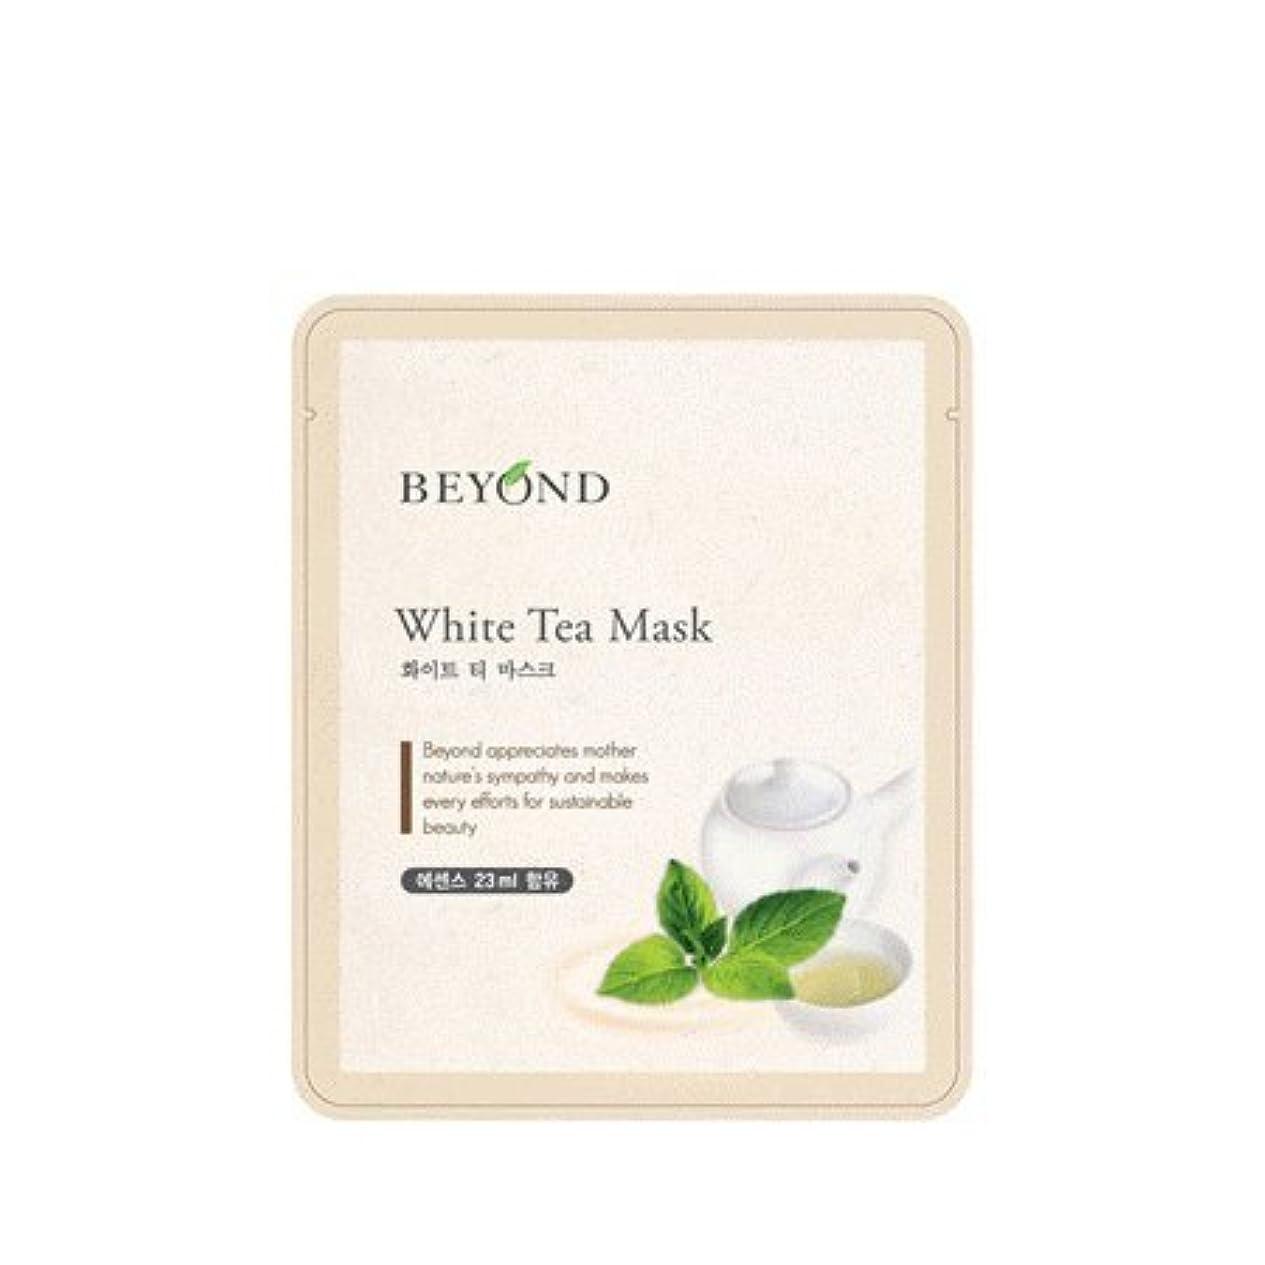 真珠のようなあたたかい荒らすBeyond mask sheet 5ea (White Tea Mask)